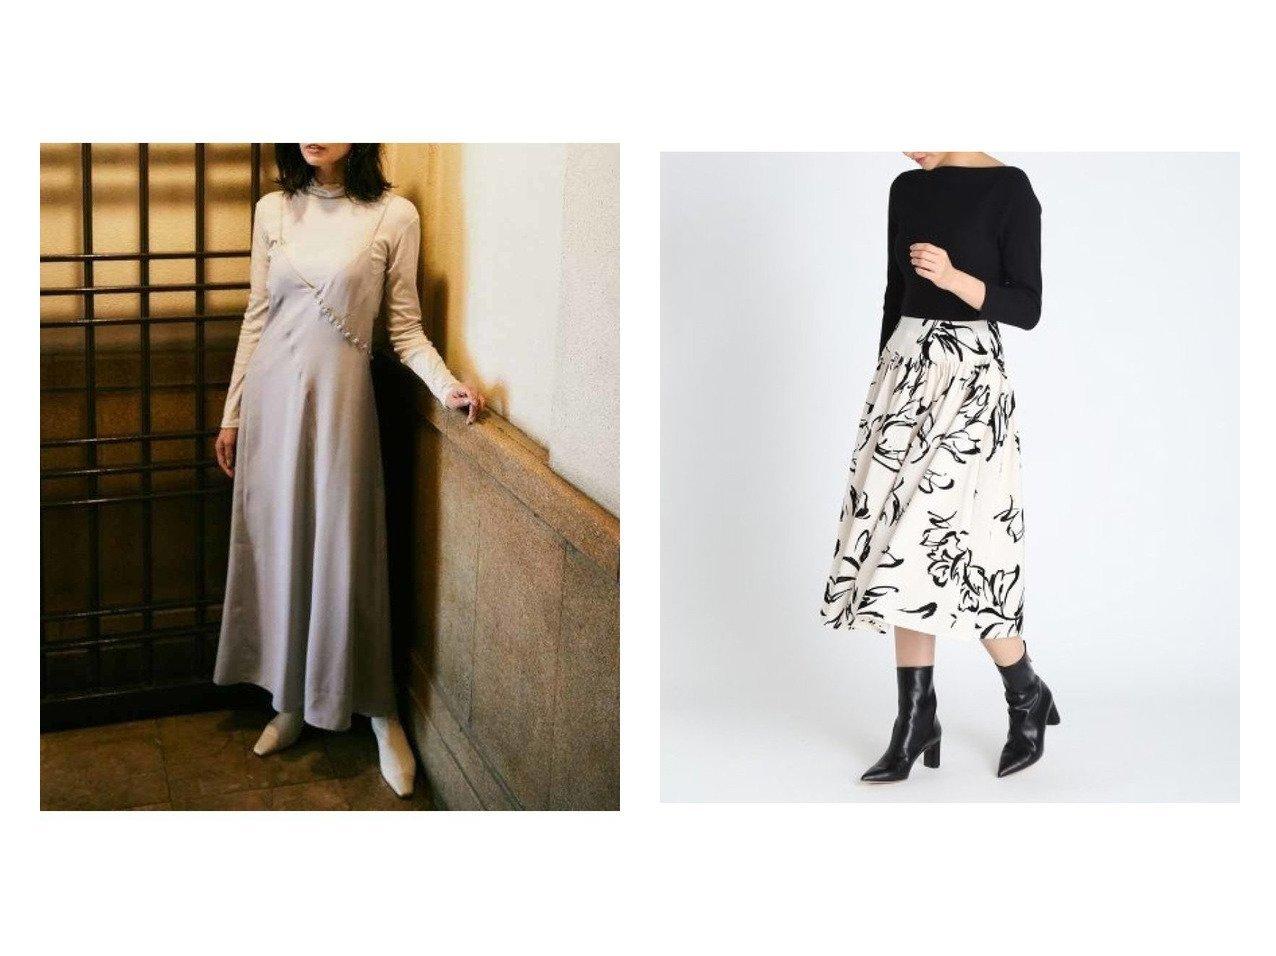 【CELFORD/セルフォード】の花柄フロッキードッキングOP&【FRAY I.D/フレイ アイディー】のカットコンビキャミワンピース ワンピース・ドレスのおすすめ!人気、トレンド・レディースファッションの通販  おすすめで人気の流行・トレンド、ファッションの通販商品 メンズファッション・キッズファッション・インテリア・家具・レディースファッション・服の通販 founy(ファニー) https://founy.com/ ファッションモデル・俳優・女優 Models 女性 Women 田中みな実 Tanaka Minami ファッション Fashion レディースファッション WOMEN ワンピース Dress キャミワンピース No Sleeve Dresses マキシワンピース Maxi Dress インナー カットソー キャミワンピース コンパクト コンビ サテン ショルダー フィット マキシ ラベンダー ロング 再入荷 Restock/Back in Stock/Re Arrival |ID:crp329100000010101